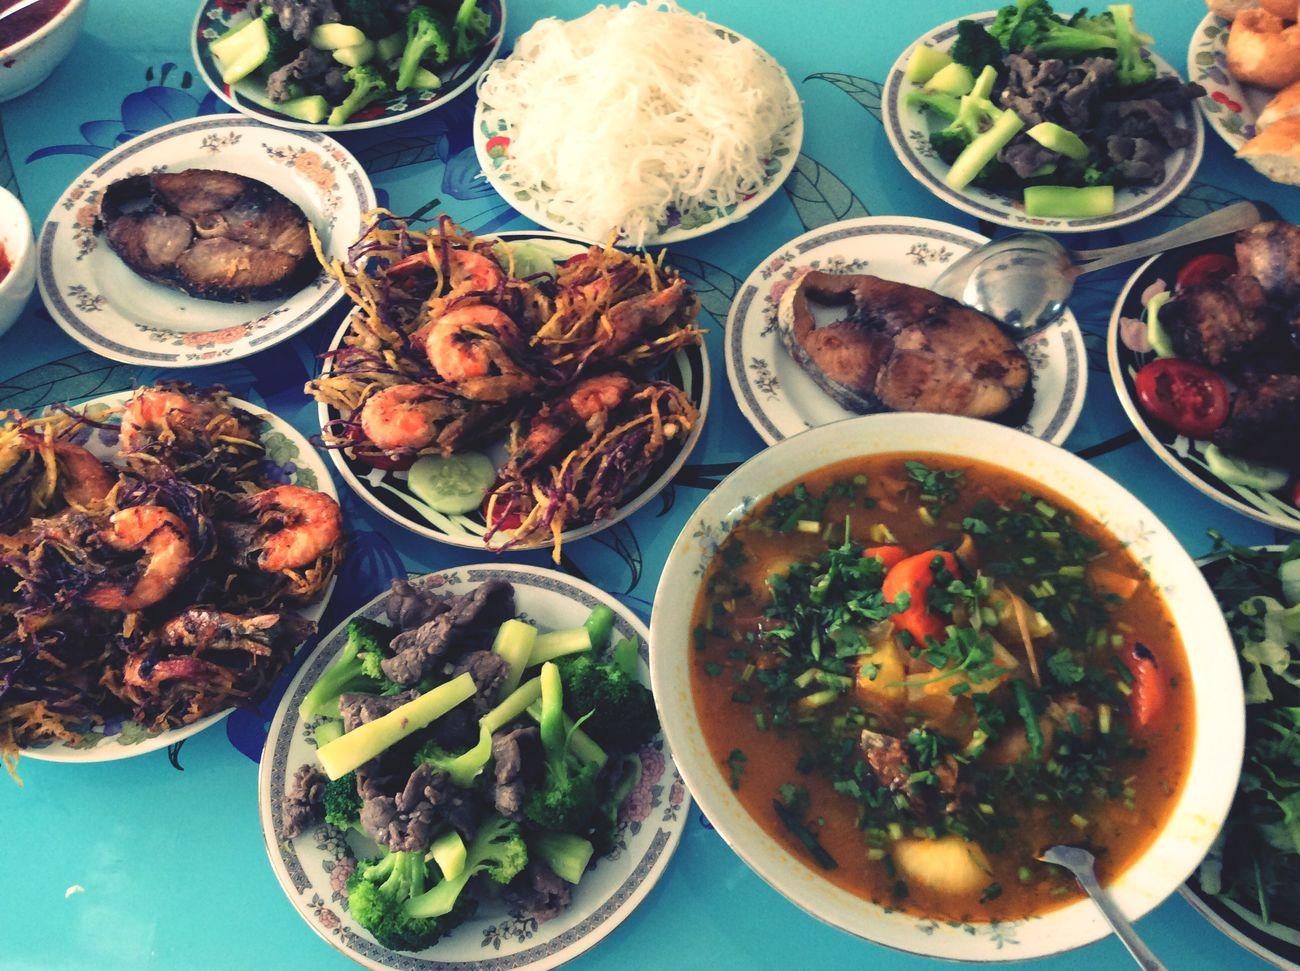 Food Home Home Sweet Home MadeByMom